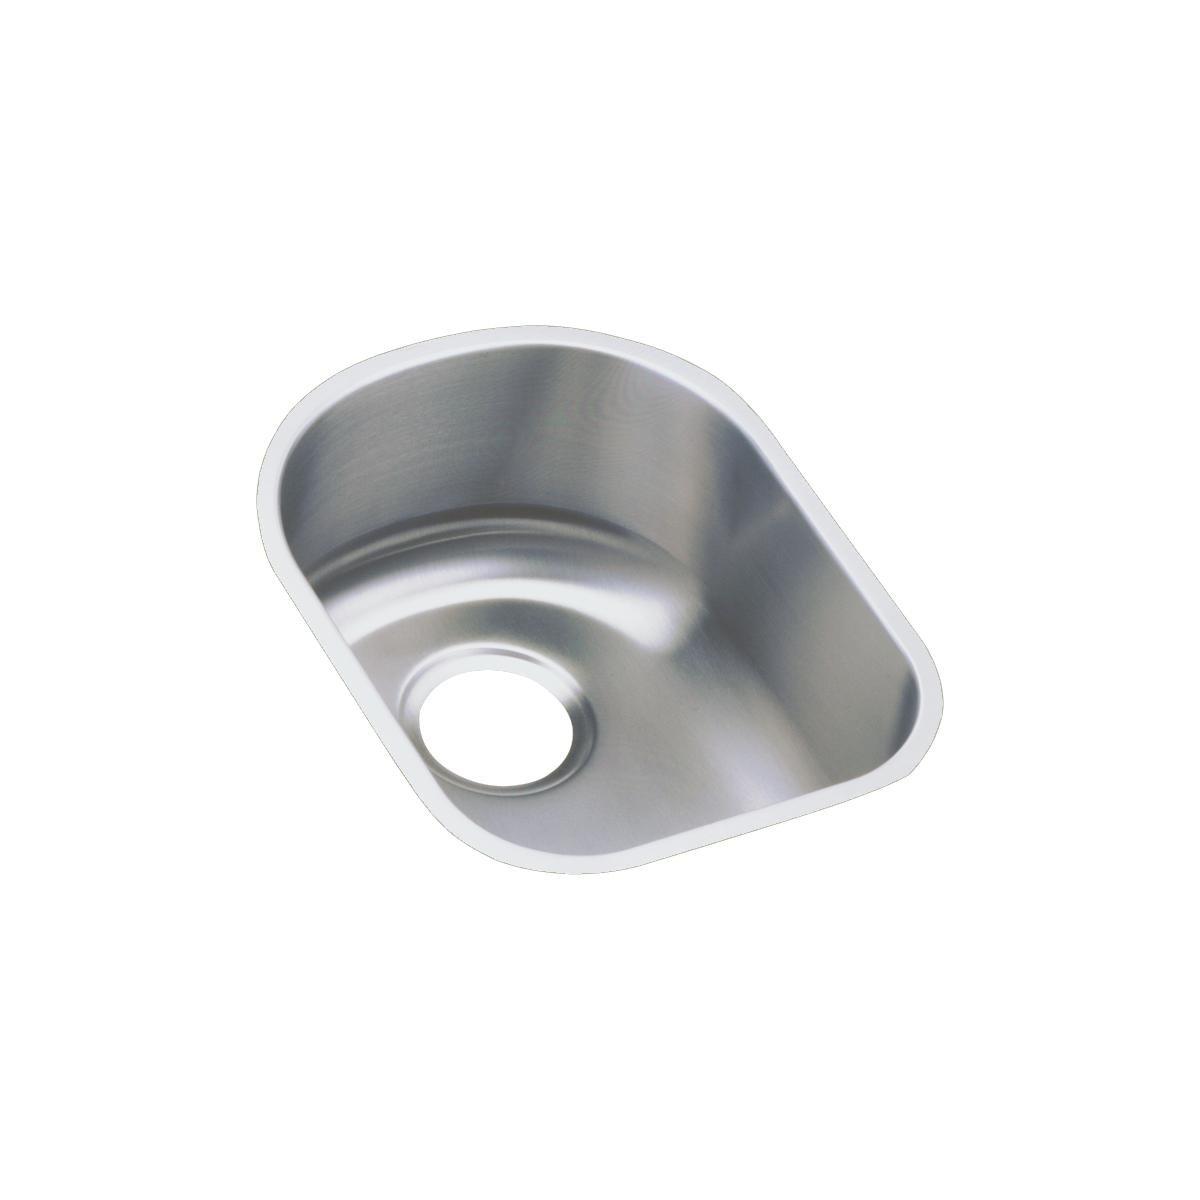 Elkay Lustertone ELUH1317 Single Bowl Undermount Stainless Steel Sink